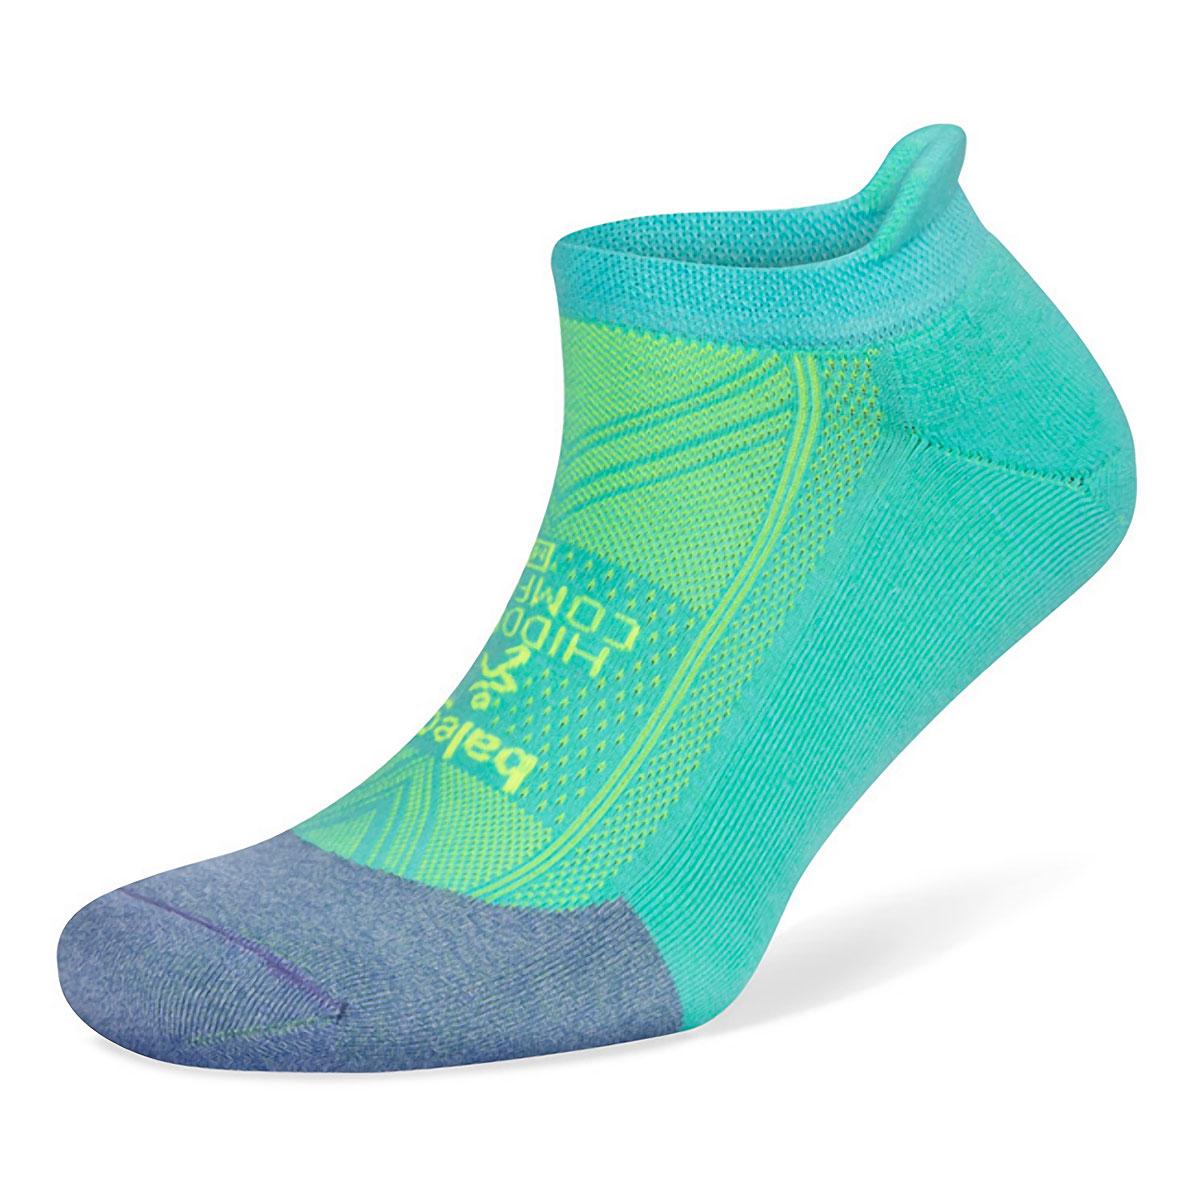 Balega Hidden Comfort Socks - Color: Lilac/Neon Aqua - Size: S, Lilac/Neon Aqua, large, image 1